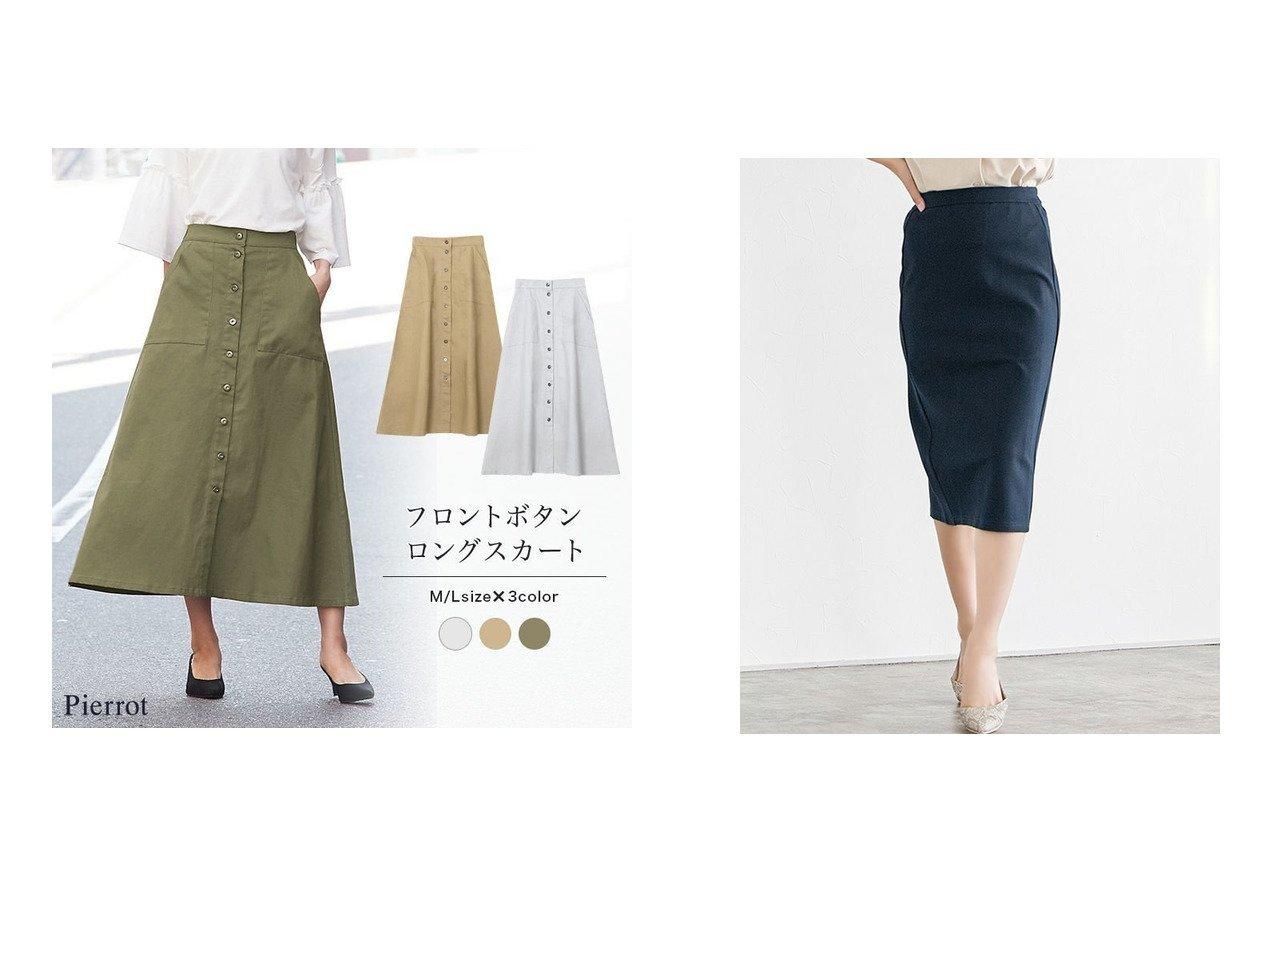 【Pierrot/ピエロ】のフロントボタンロングスカート MD&ポンチタイトスカート MD おすすめ!人気!プチプライスで上品なファッションアイテムの通販  おすすめで人気の流行・トレンド、ファッションの通販商品 メンズファッション・キッズファッション・インテリア・家具・レディースファッション・服の通販 founy(ファニー) https://founy.com/ ファッション Fashion レディースファッション WOMEN スカート Skirt ロングスカート Long Skirt カットソー スリット プチプライス・低価格 Affordable フロント ロング 今季 |ID:crp329100000021220